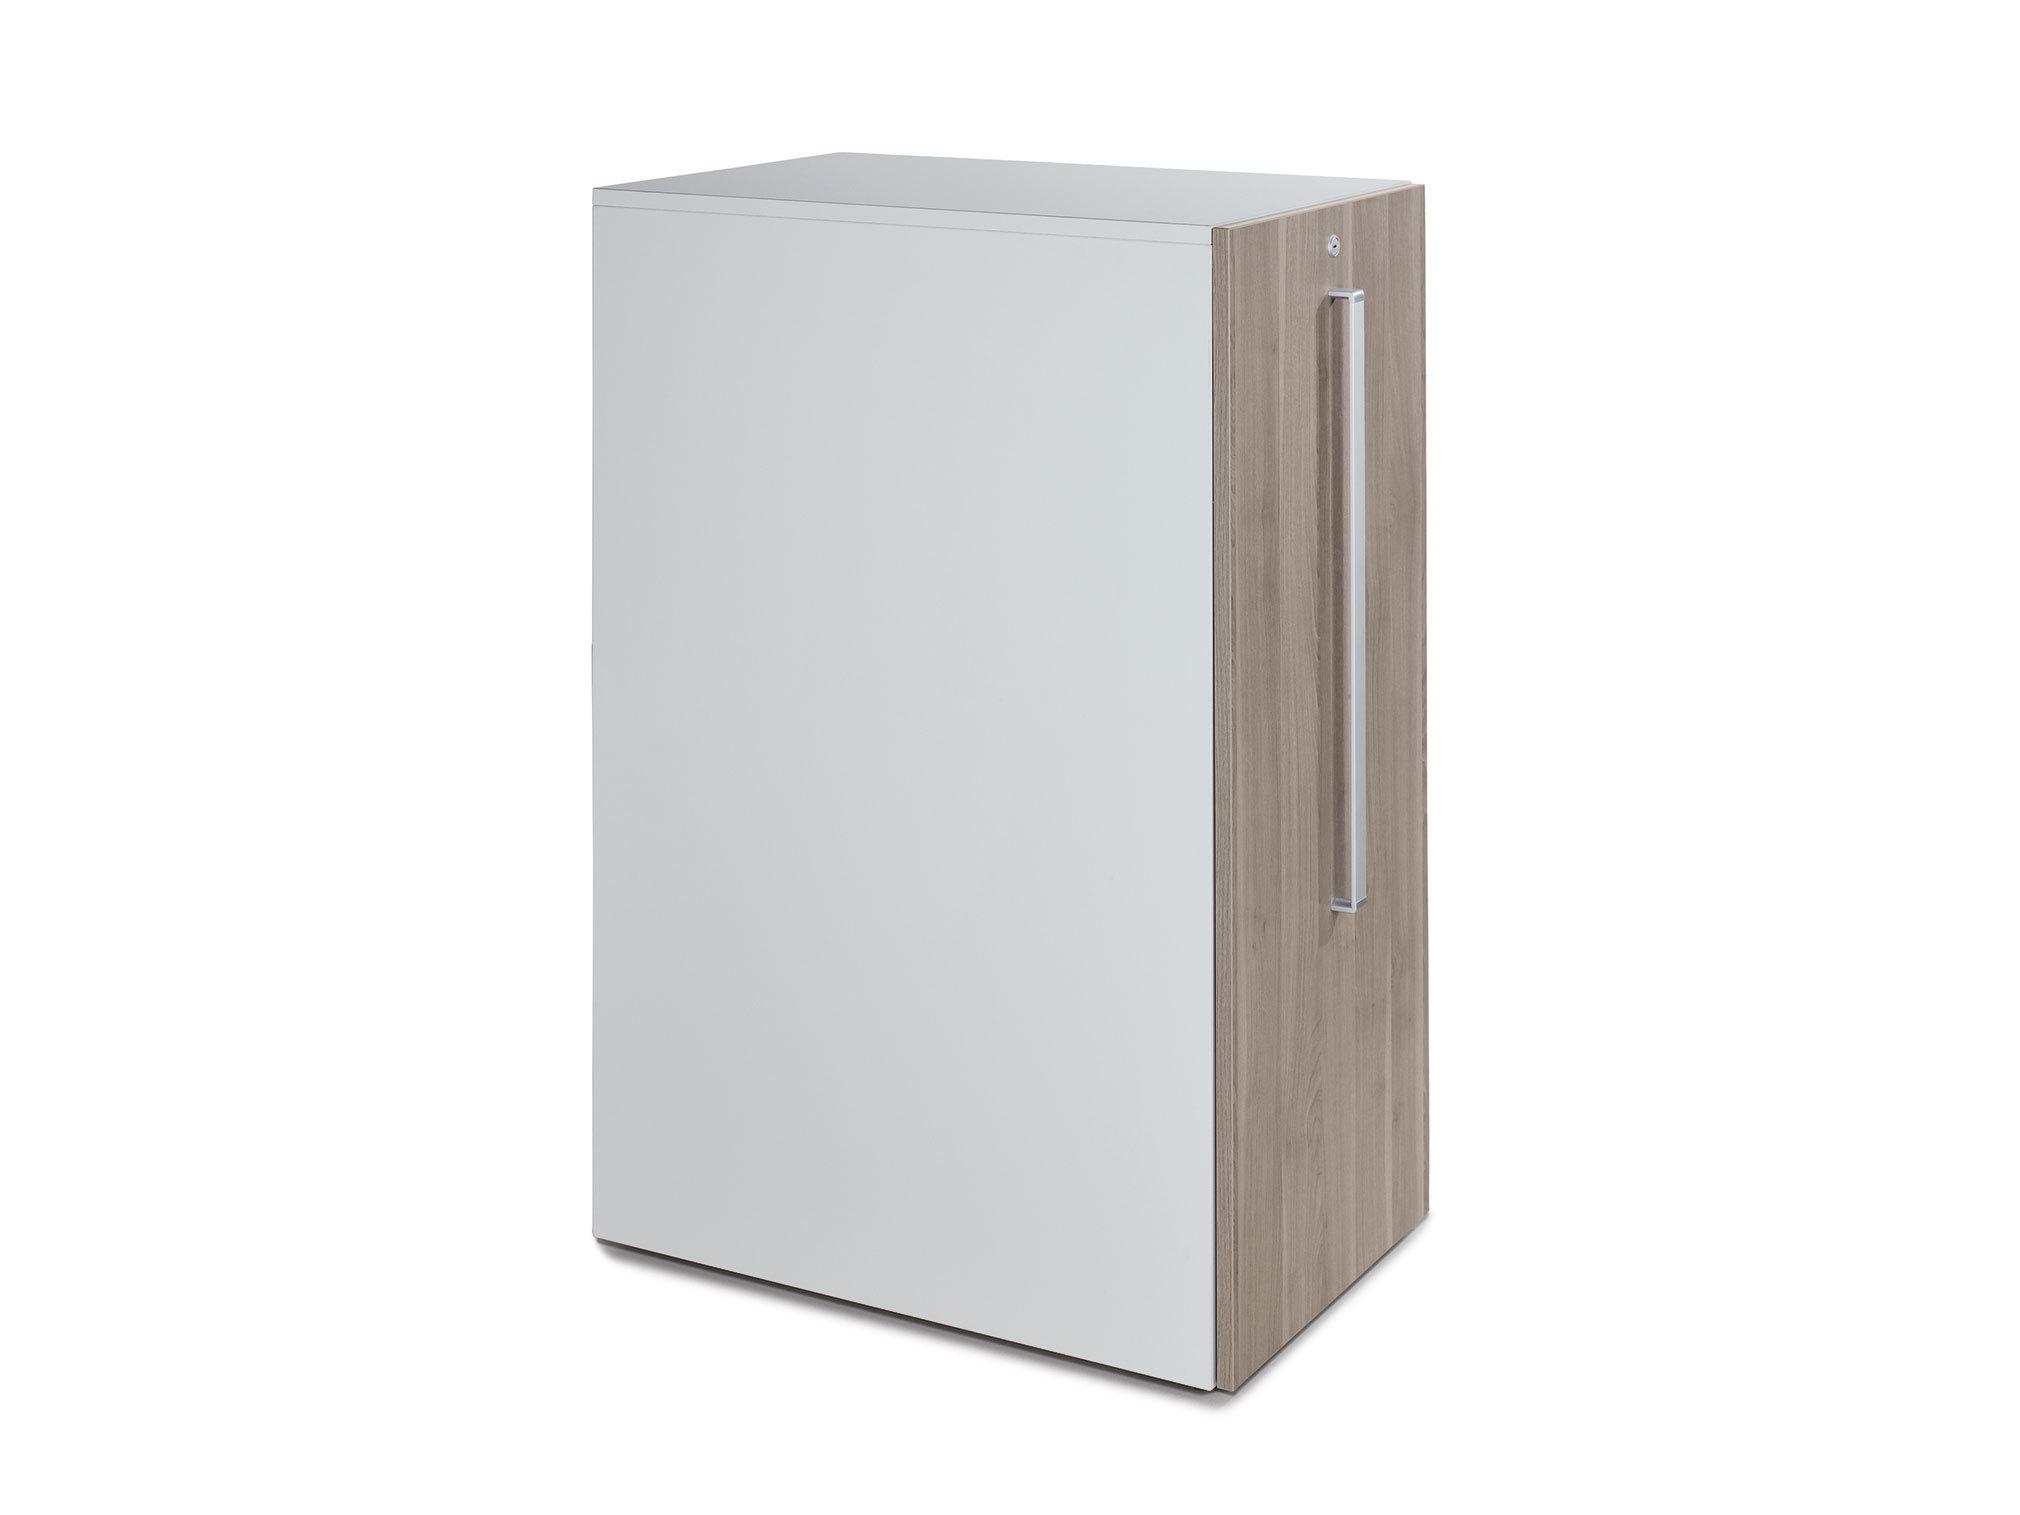 Apothekerschrank von Steelcase | STYLEPARK